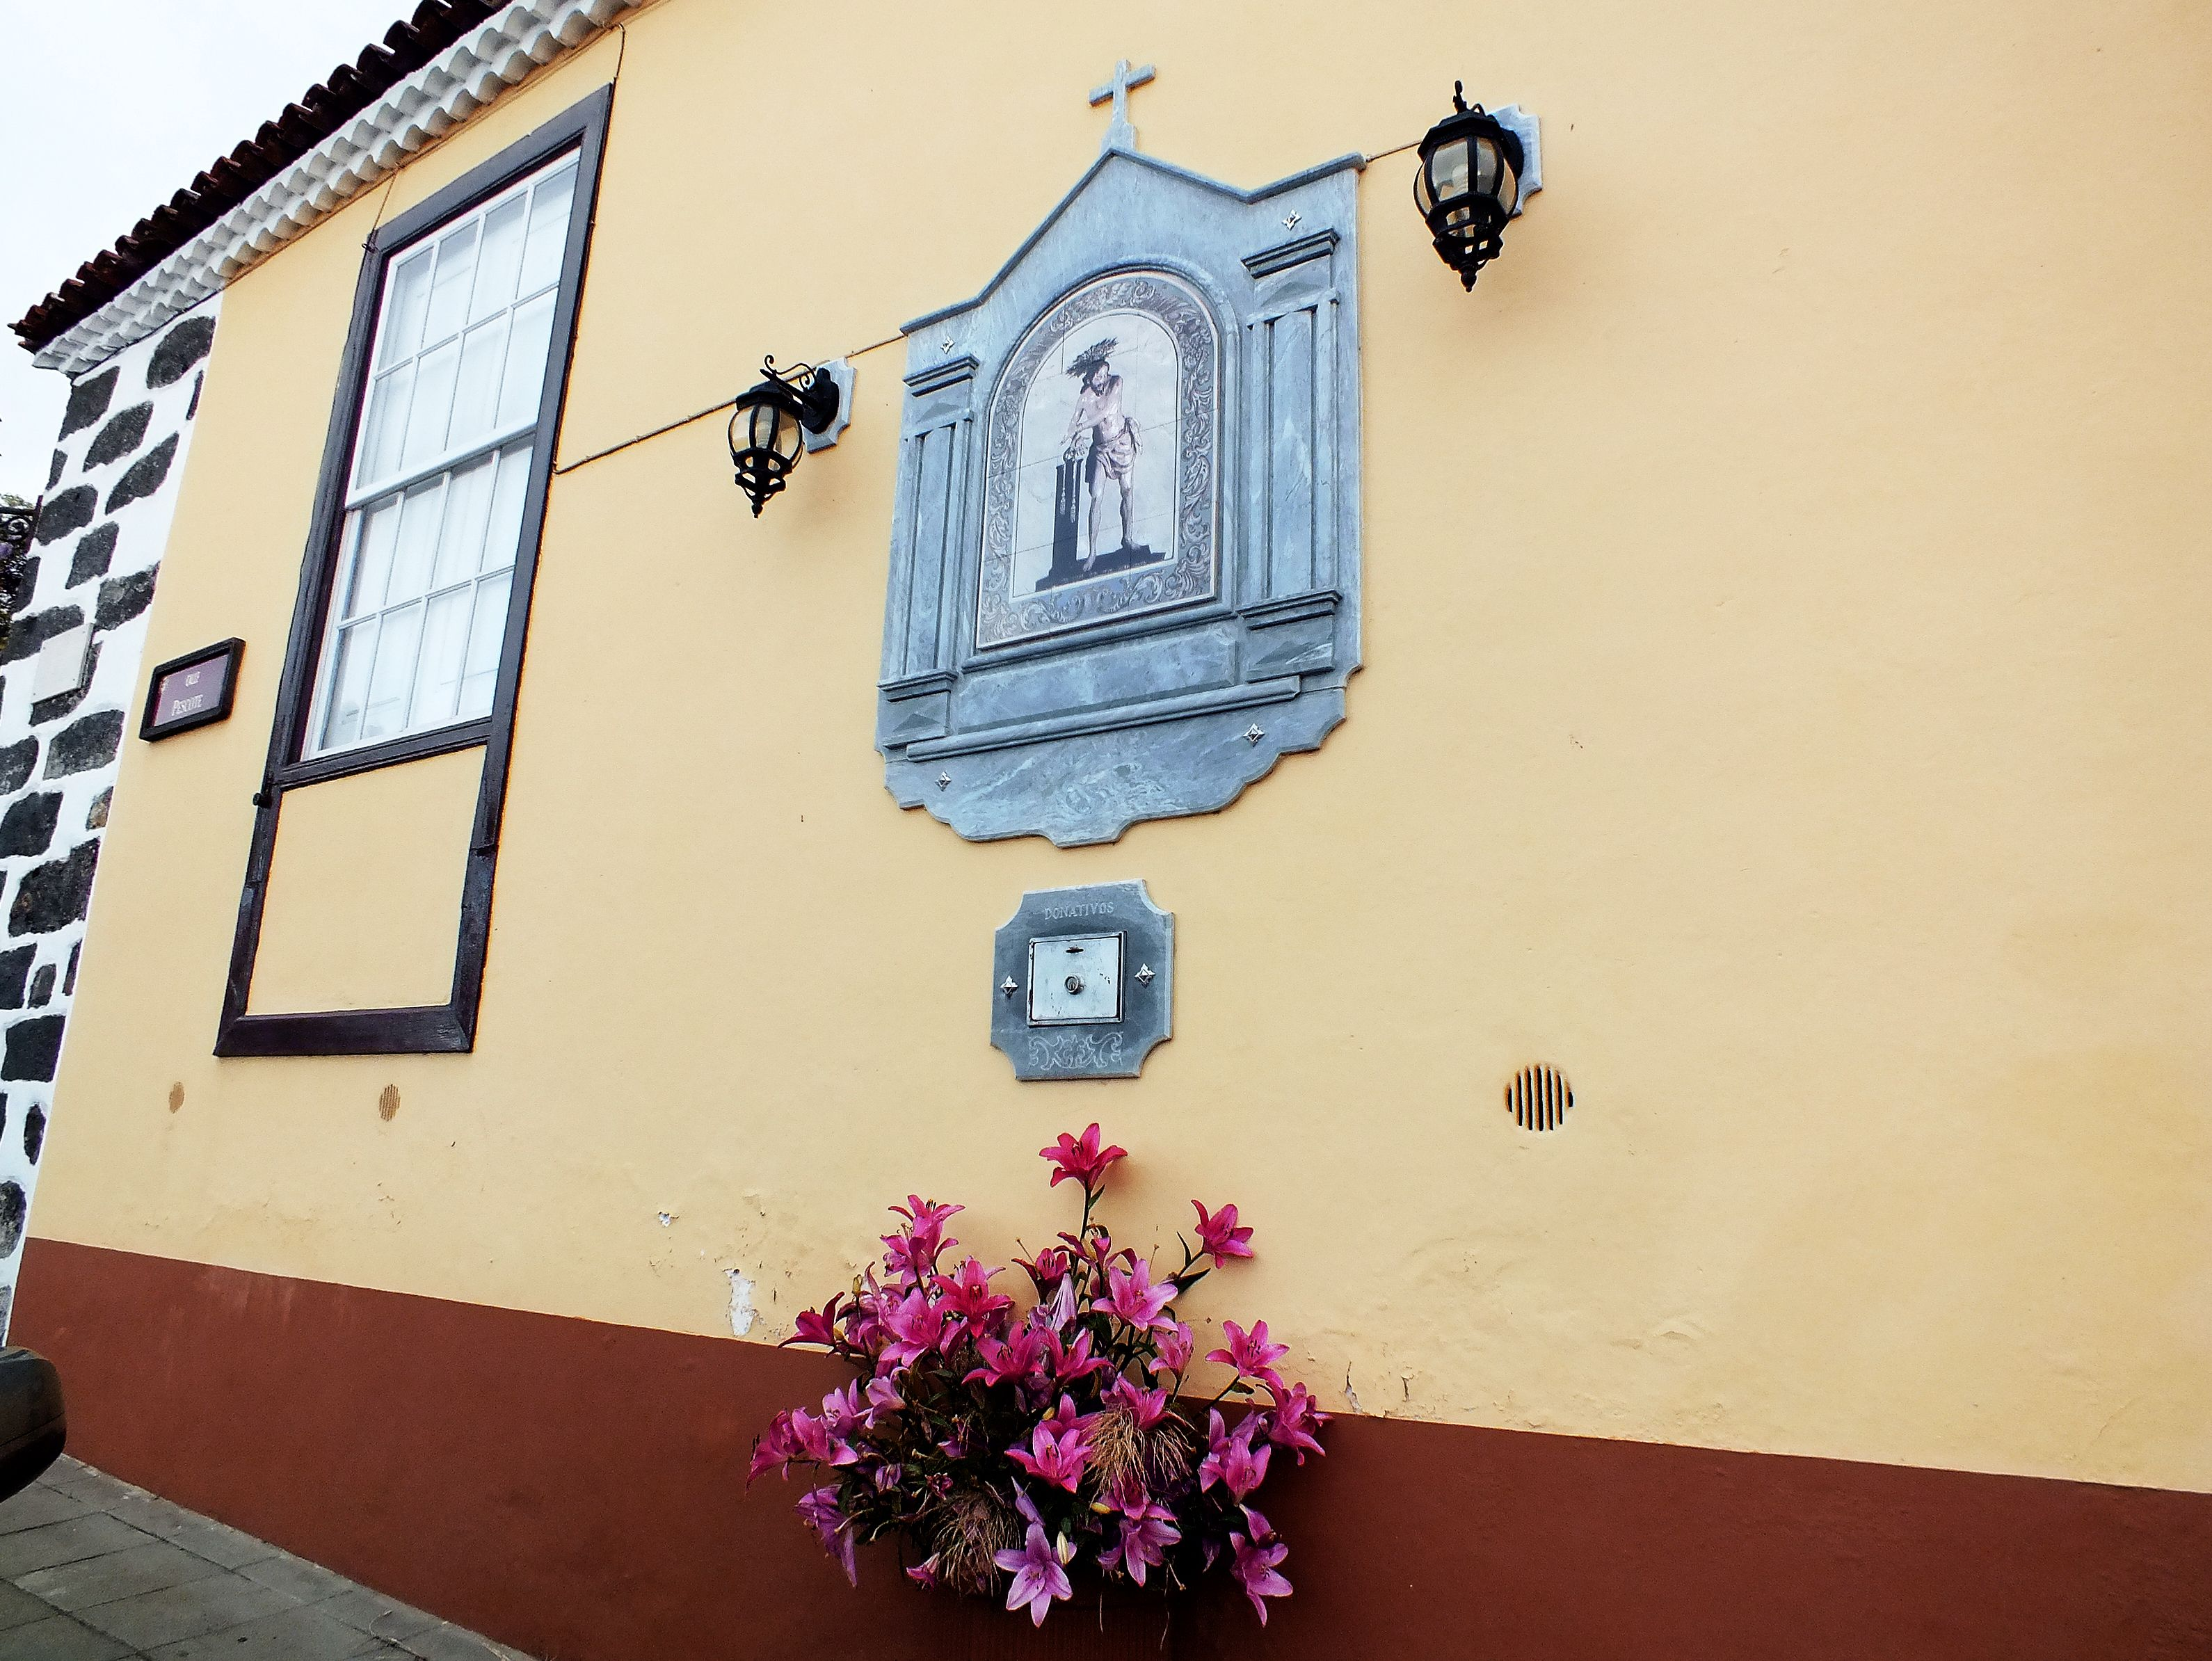 Paso de Viacrucis. La Orotava. Tenerife. Islas Canarias. Spain.  [By Valentín Enrique].